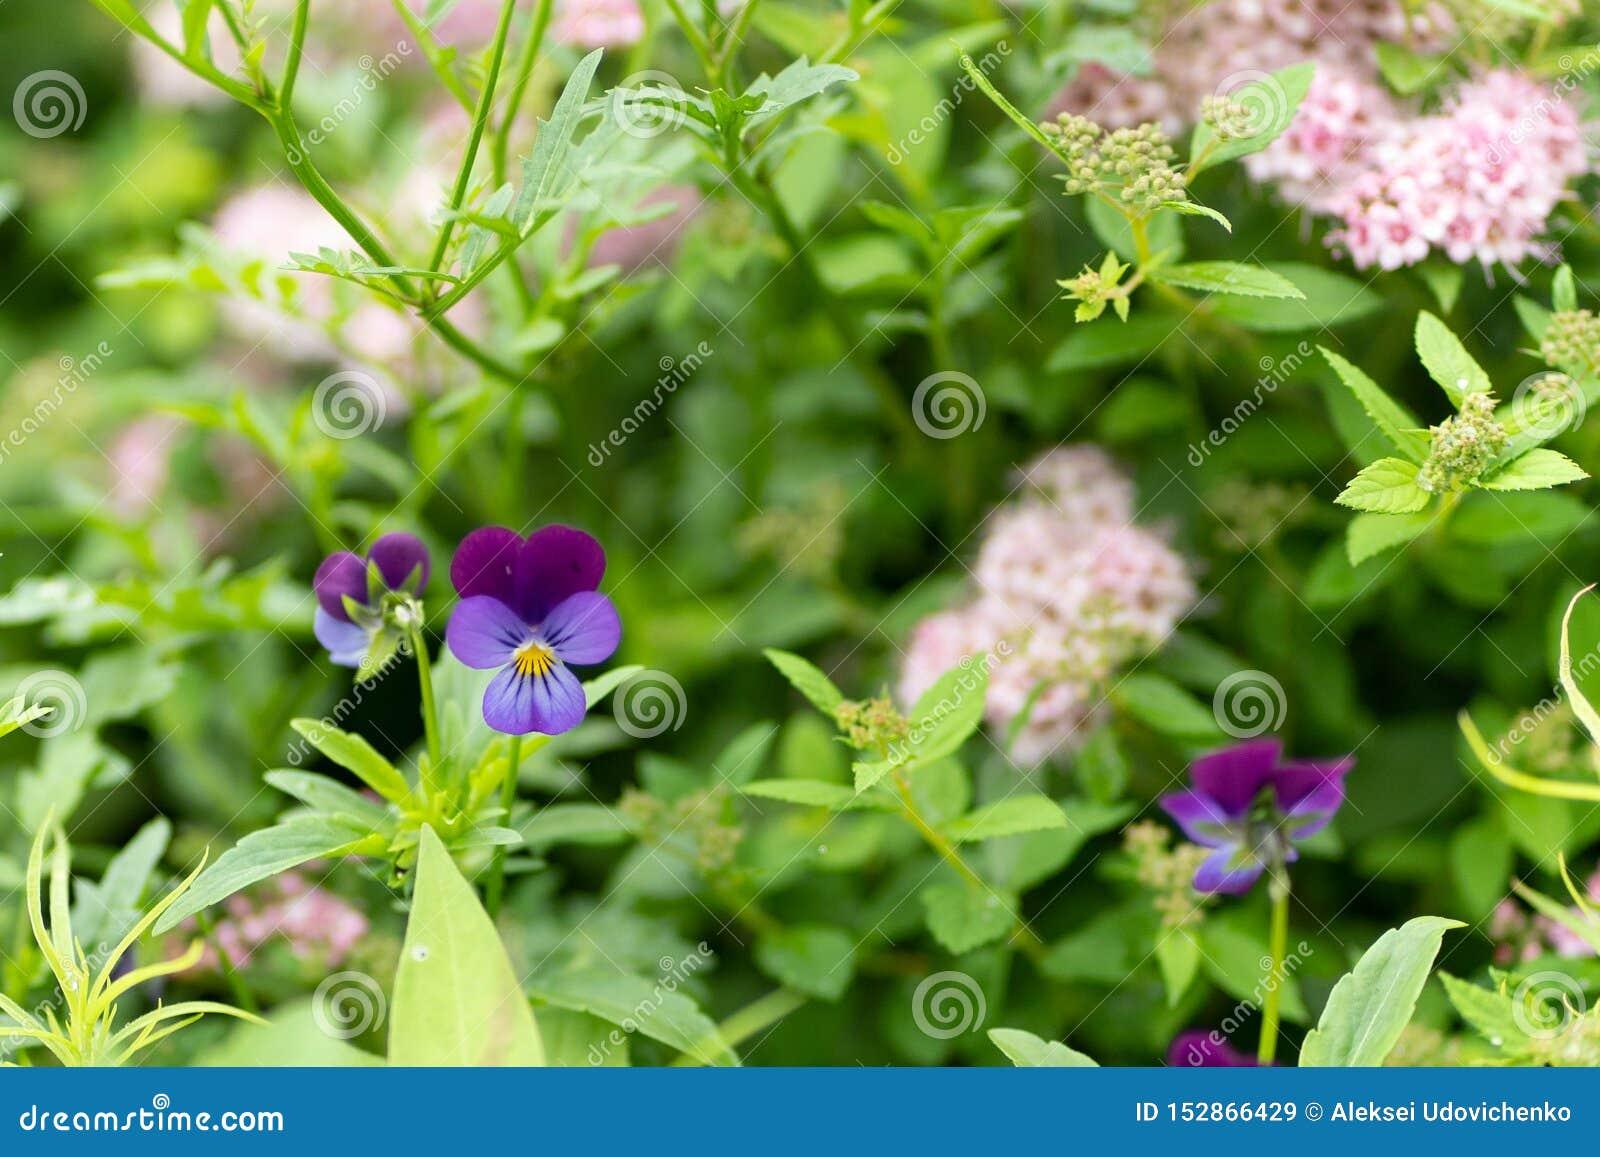 紫色花照片反对叶子背景的